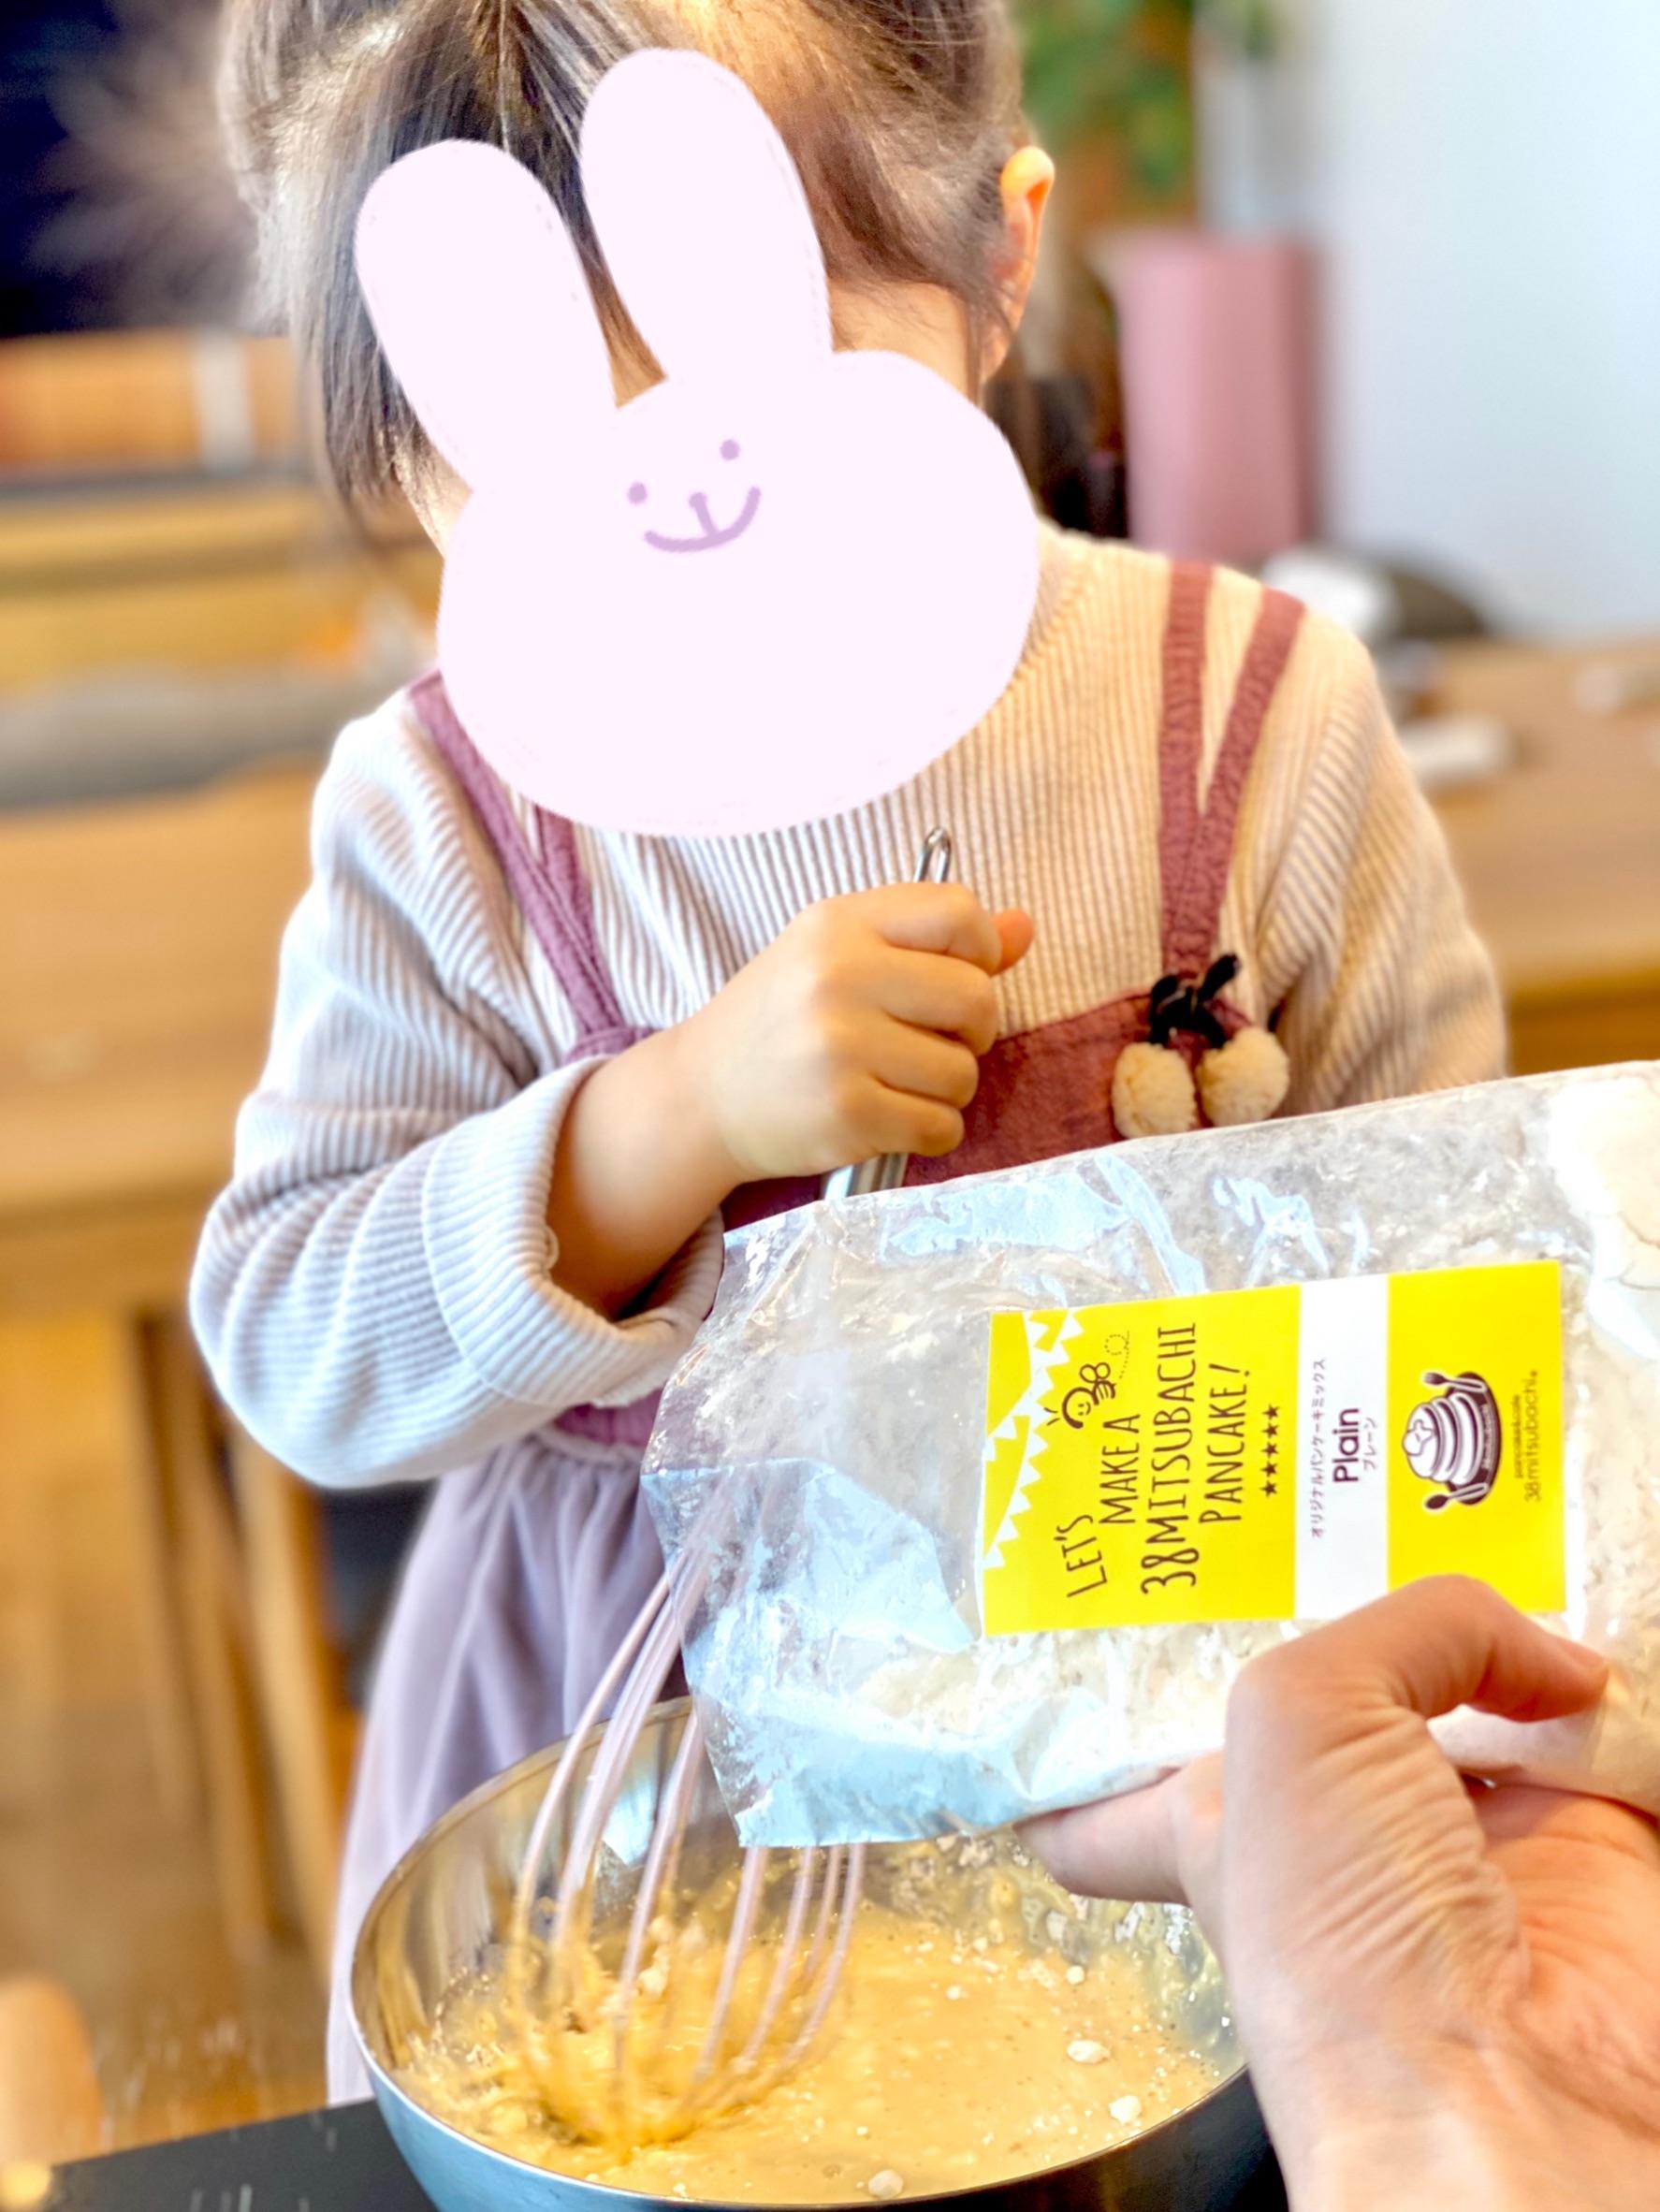 パンケーキミックス粉200g入り×10袋セット